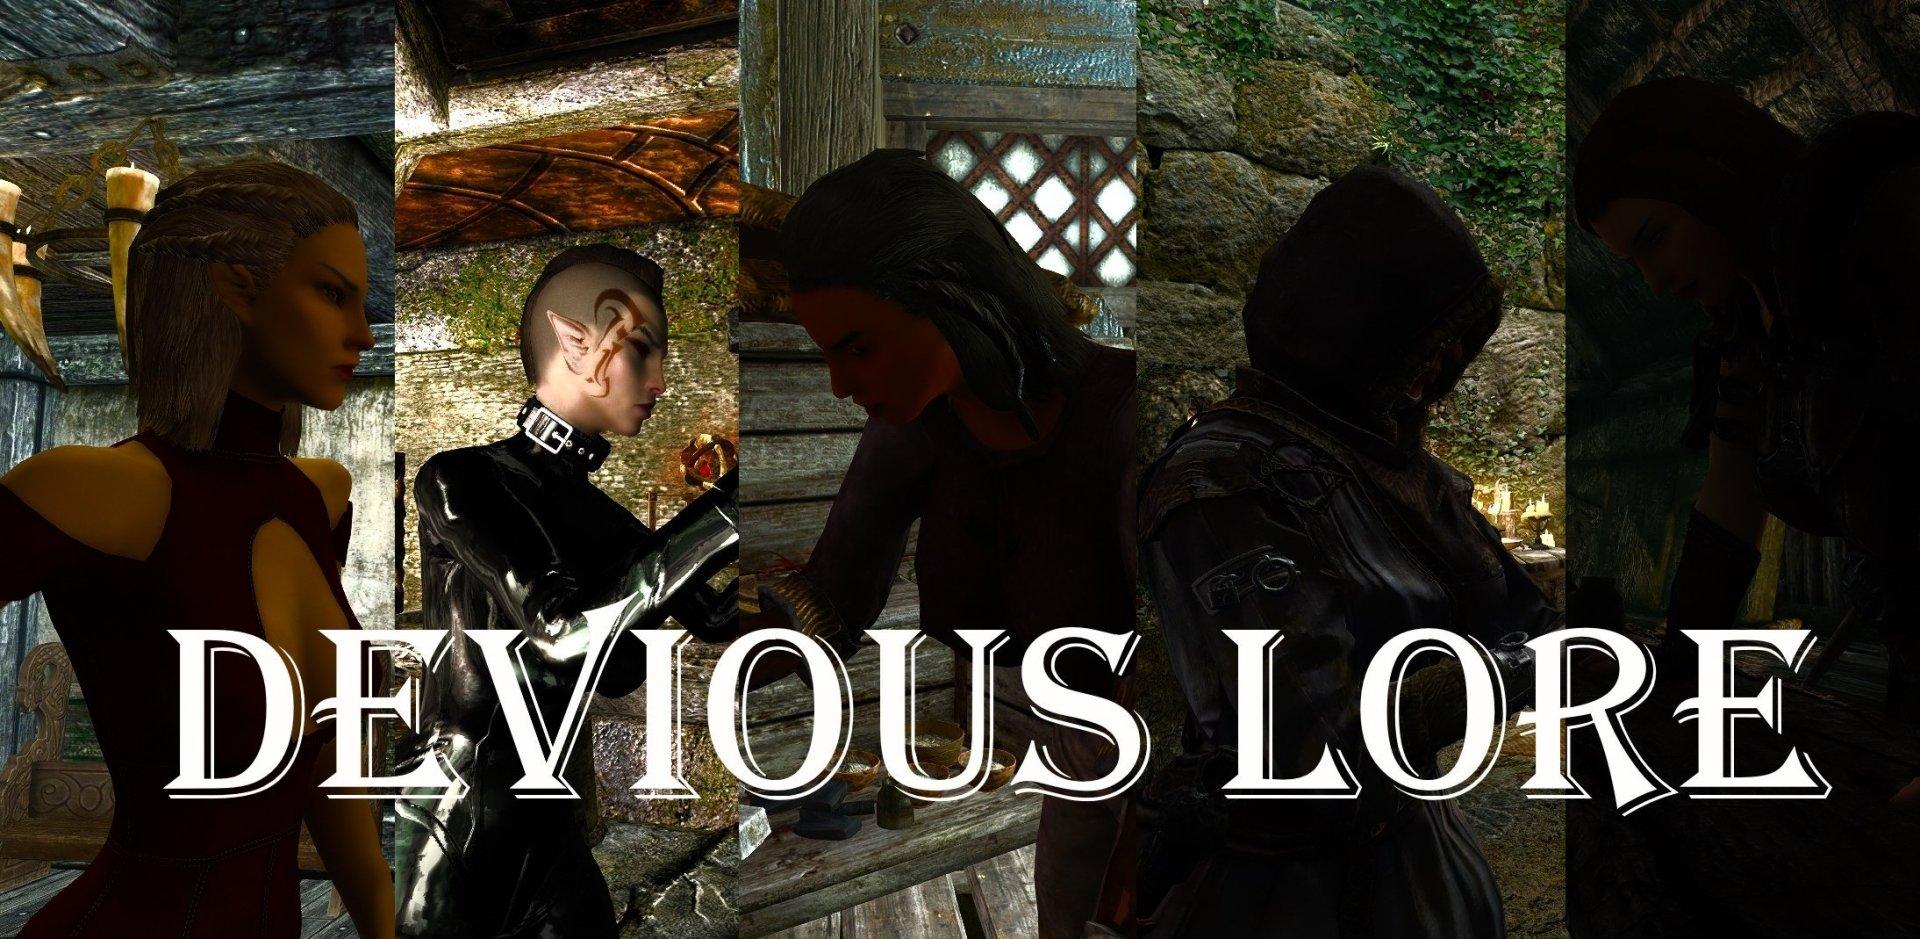 Devious Lore